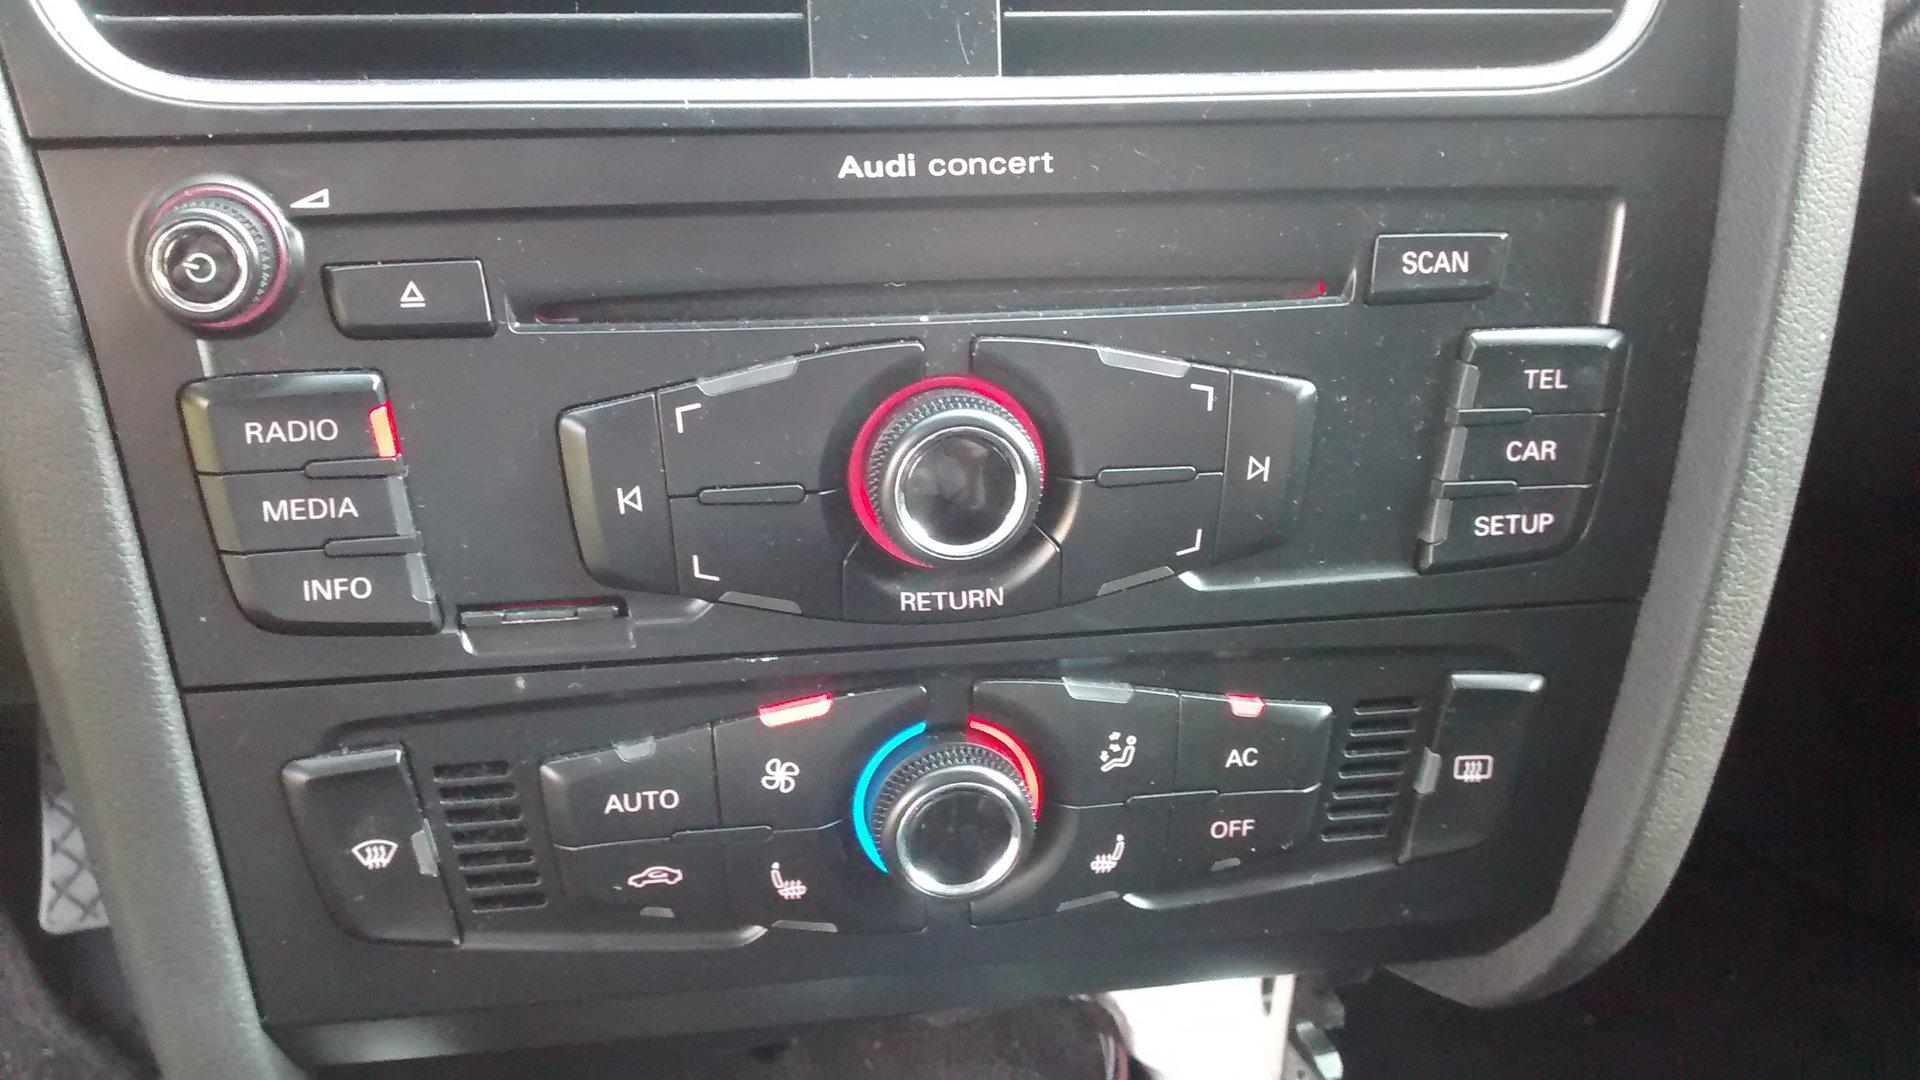 Kelebihan Kekurangan Audi A4 B8 2009 Tangguh